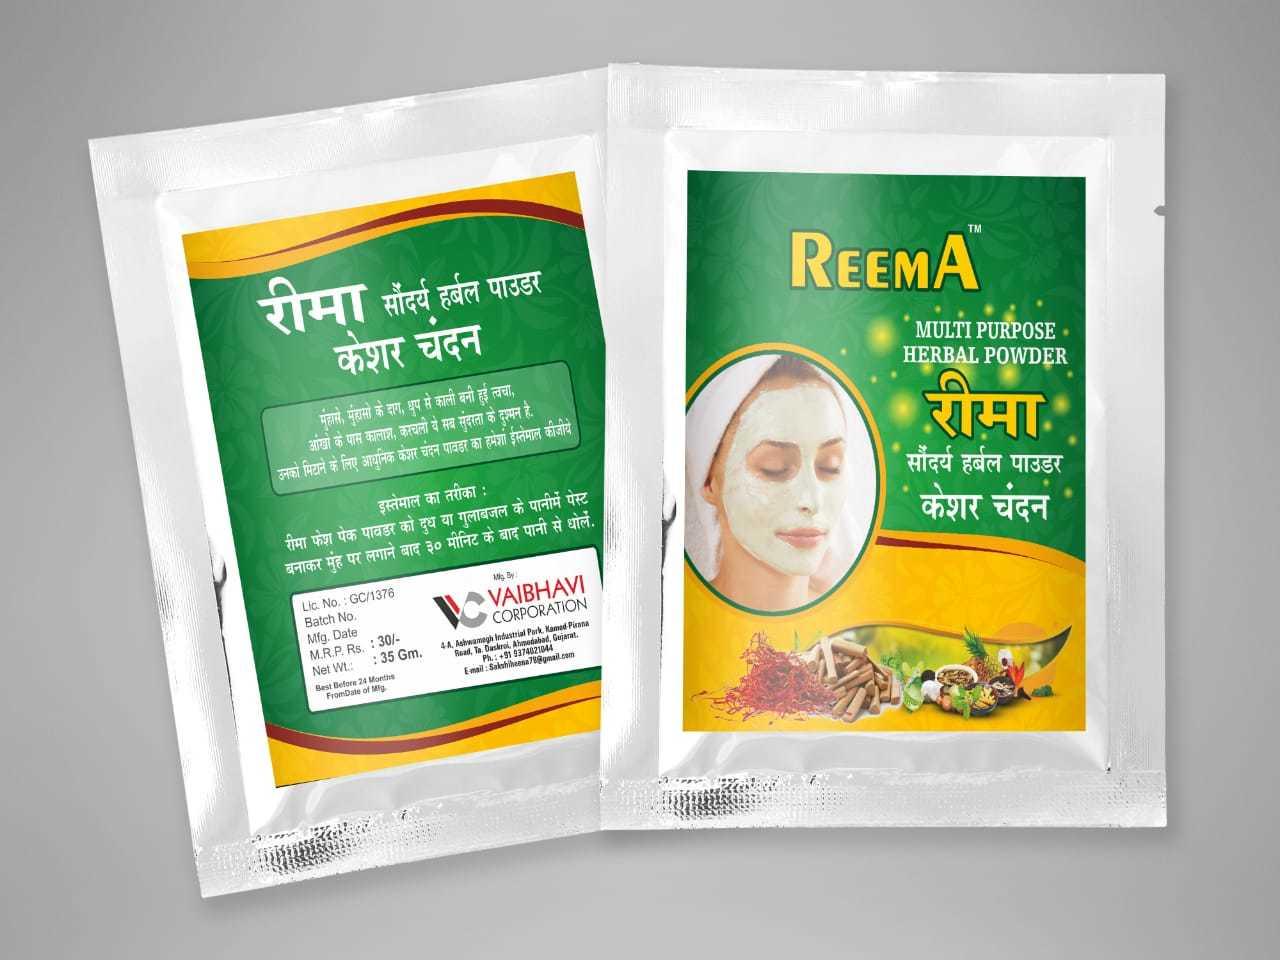 Reema Skin Whitening Cream